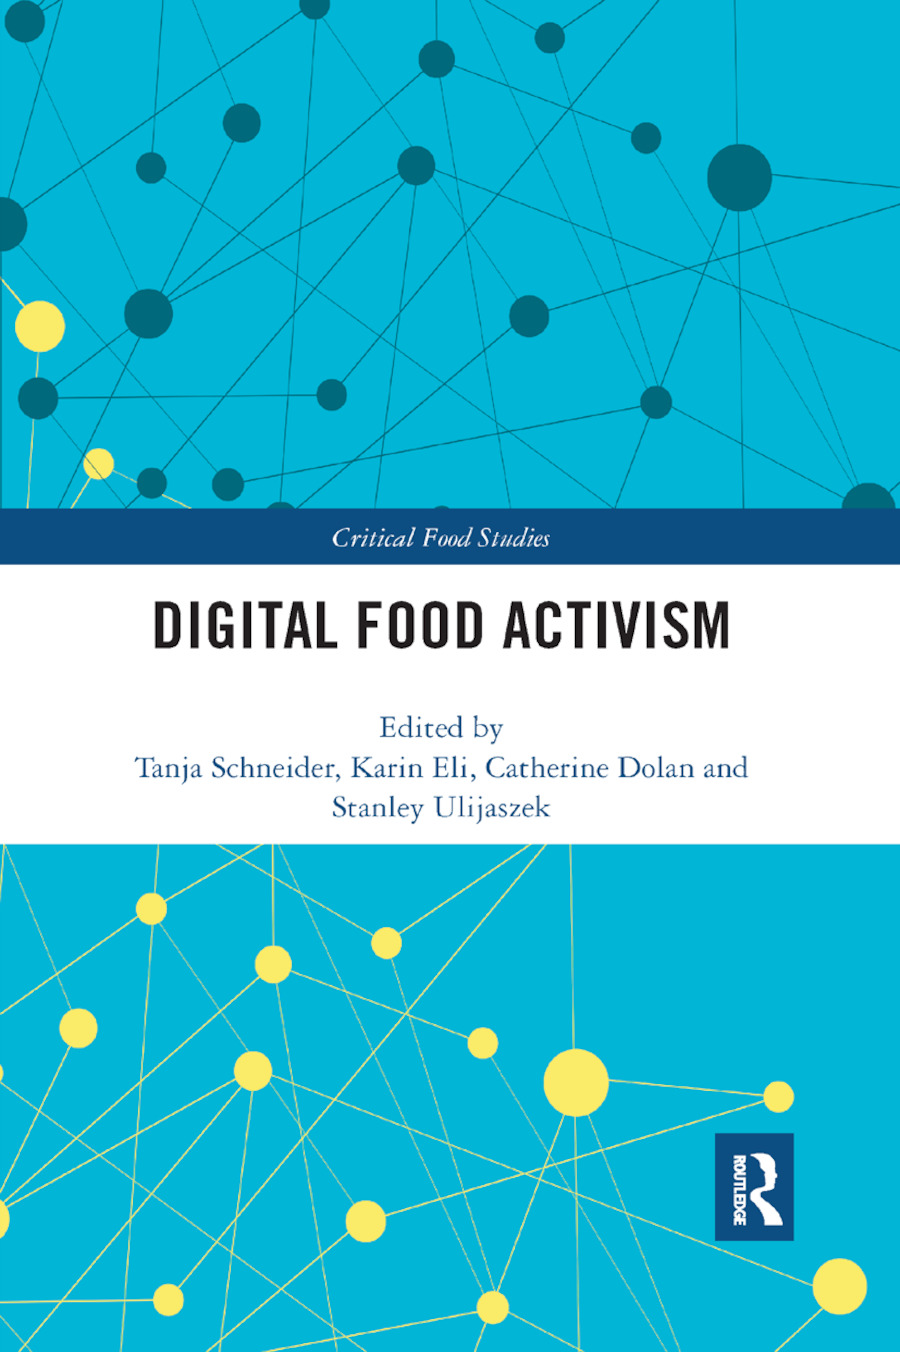 Digital Food Activism book cover